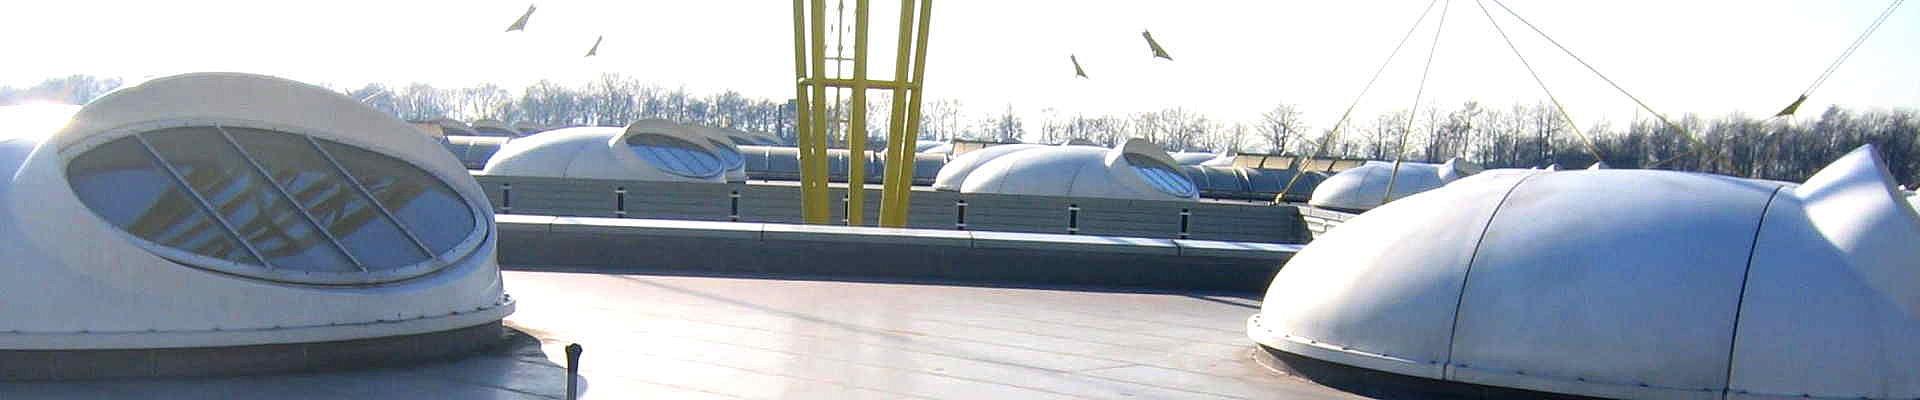 Die Industriedachfläche der IGUS GmbH wurde abgedichtet von der Wierig GmbH Dach und Fassade.